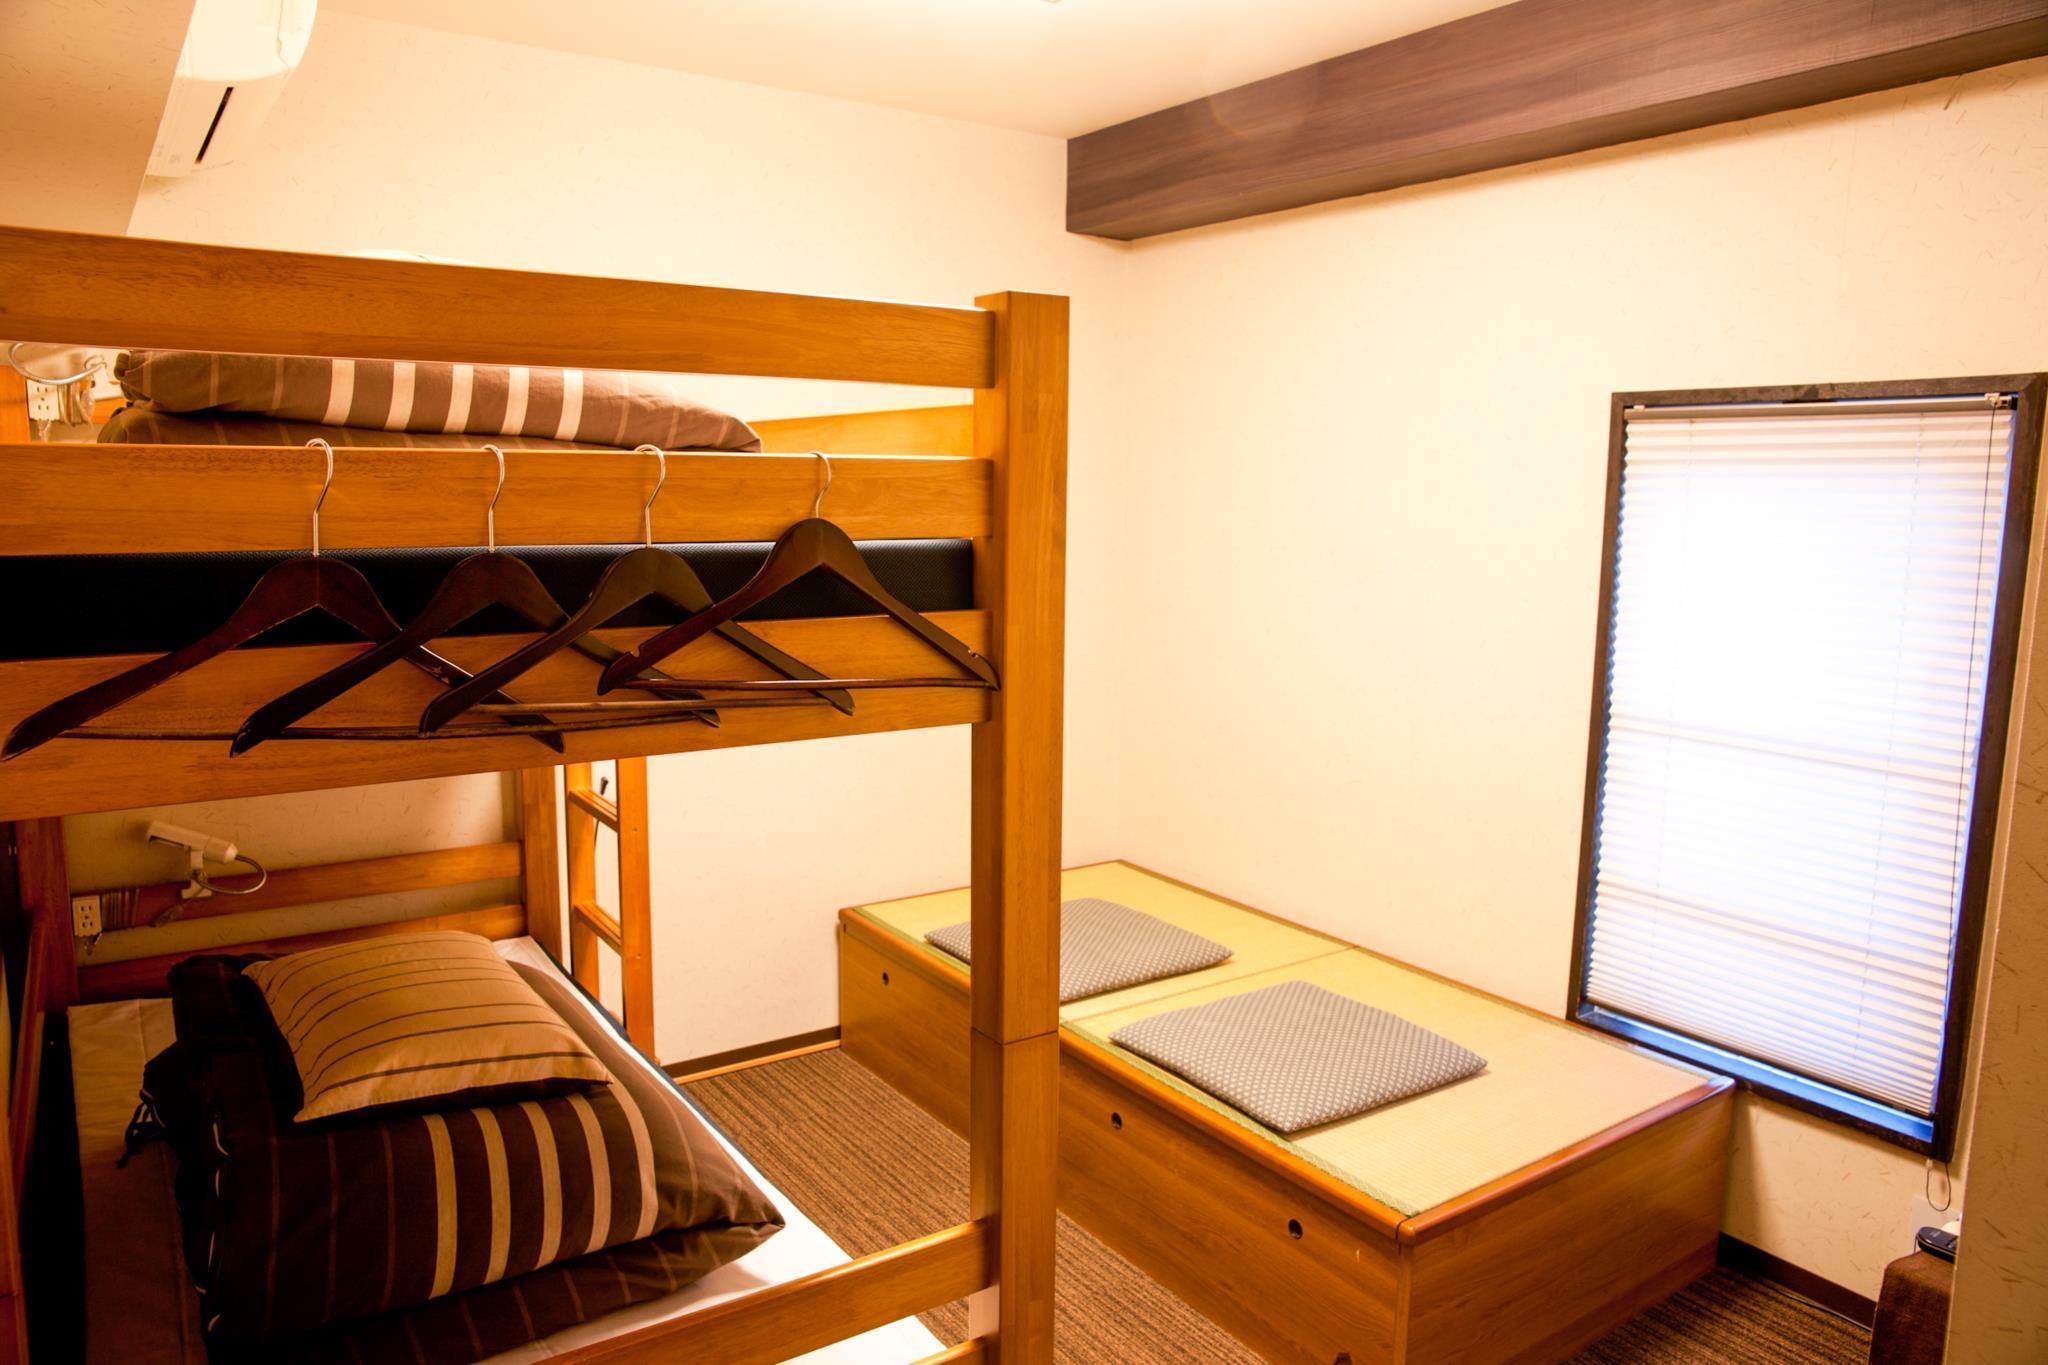 東京K's House東京綠洲 - 優質旅館 (K's House Tokyo Oasis - Quality Hostel) - Agoda 提供行程前一刻網上即時優惠價格訂房服務